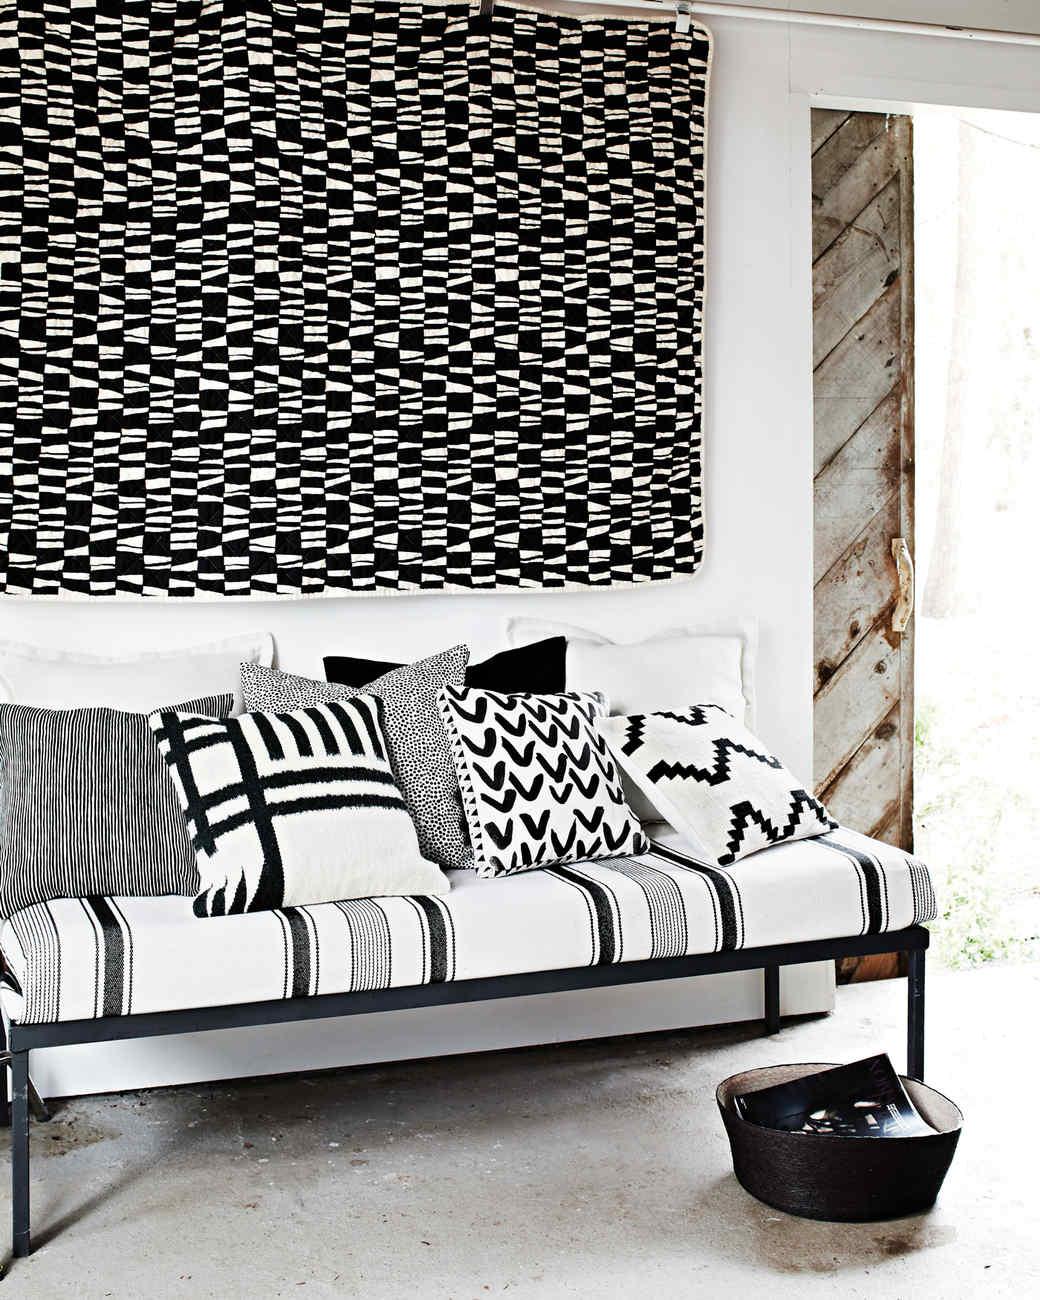 black-white-day-bed-9523-d113008.jpg